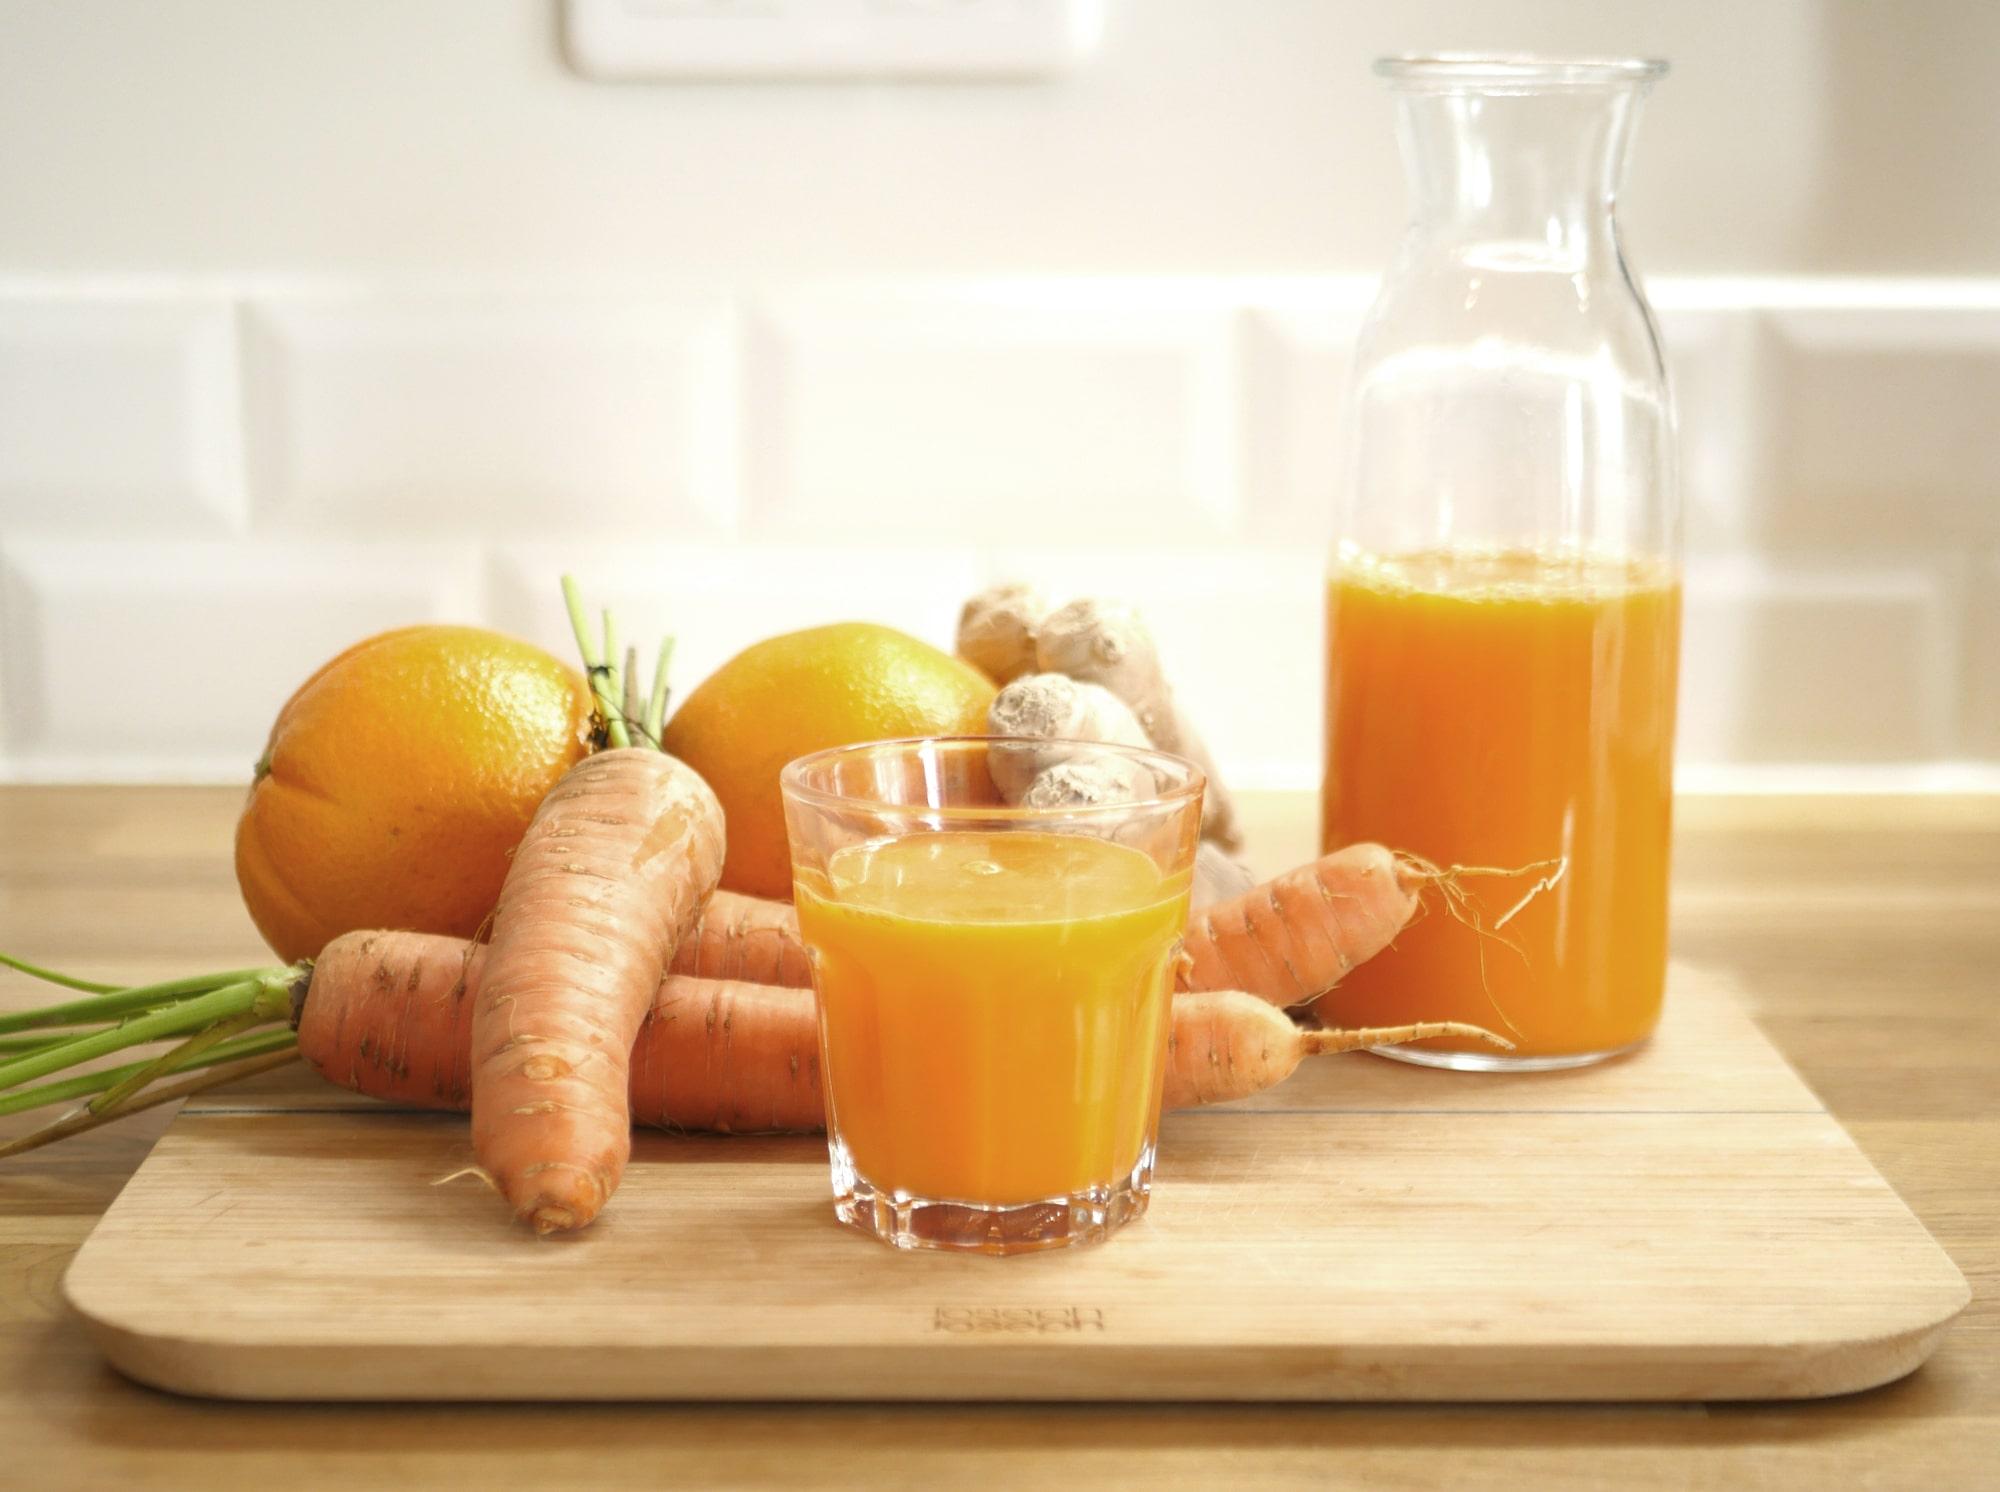 Recette de carottes orange